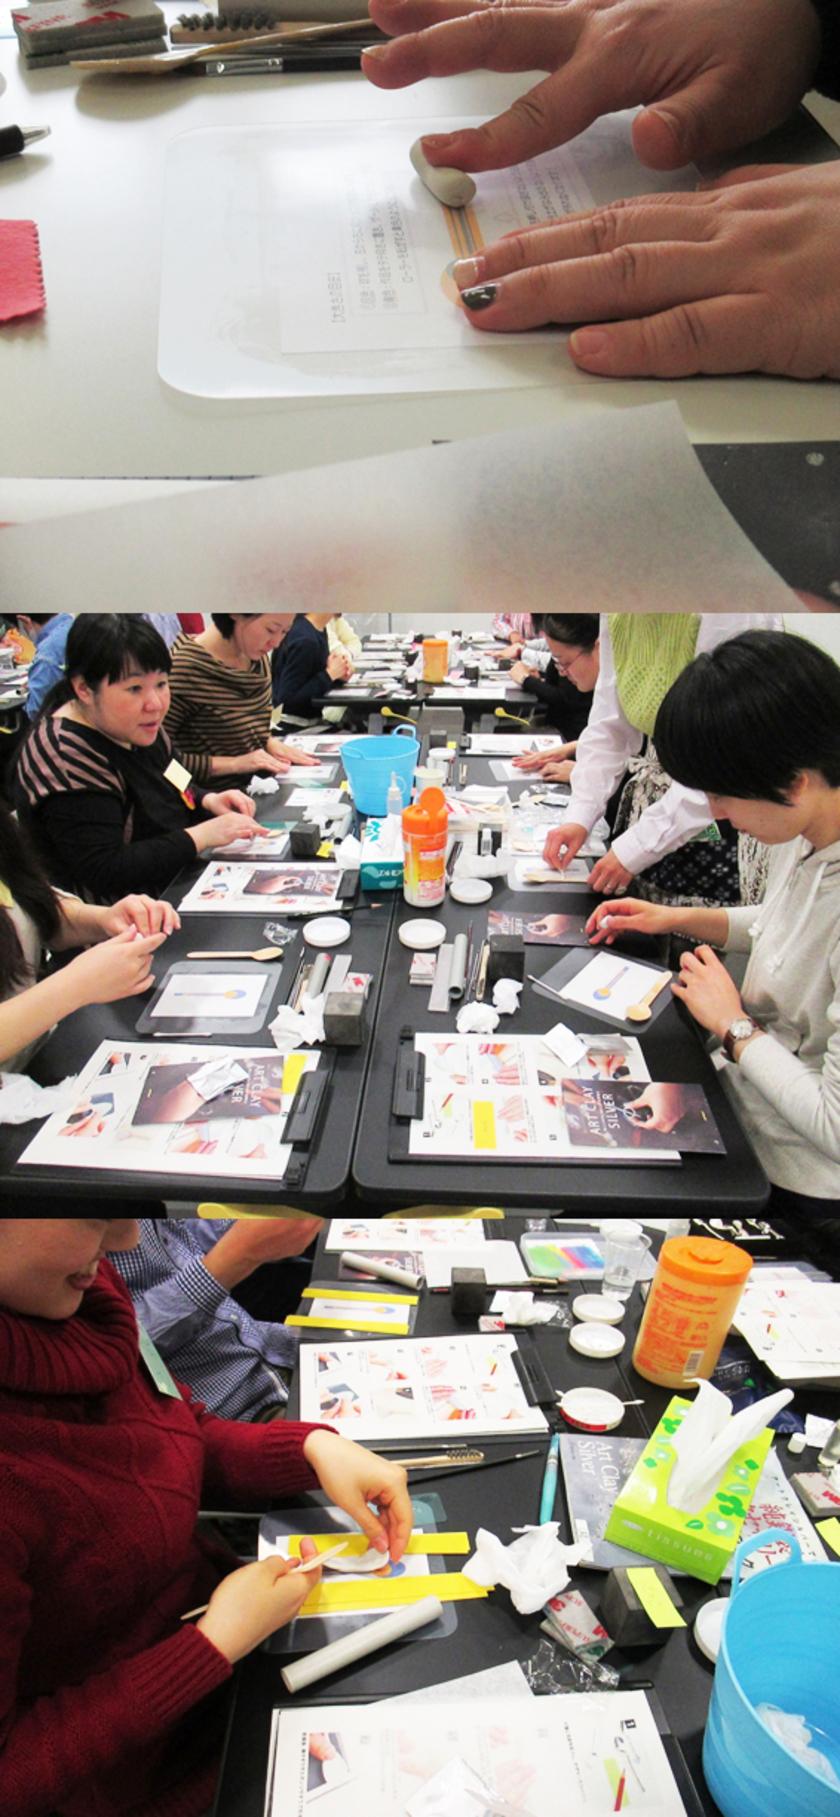 今回も東京・大阪会場の様子を合わせてレポートします。まずはデザインを考えて、おのおの銀粘土でスプーンの形をつくります。